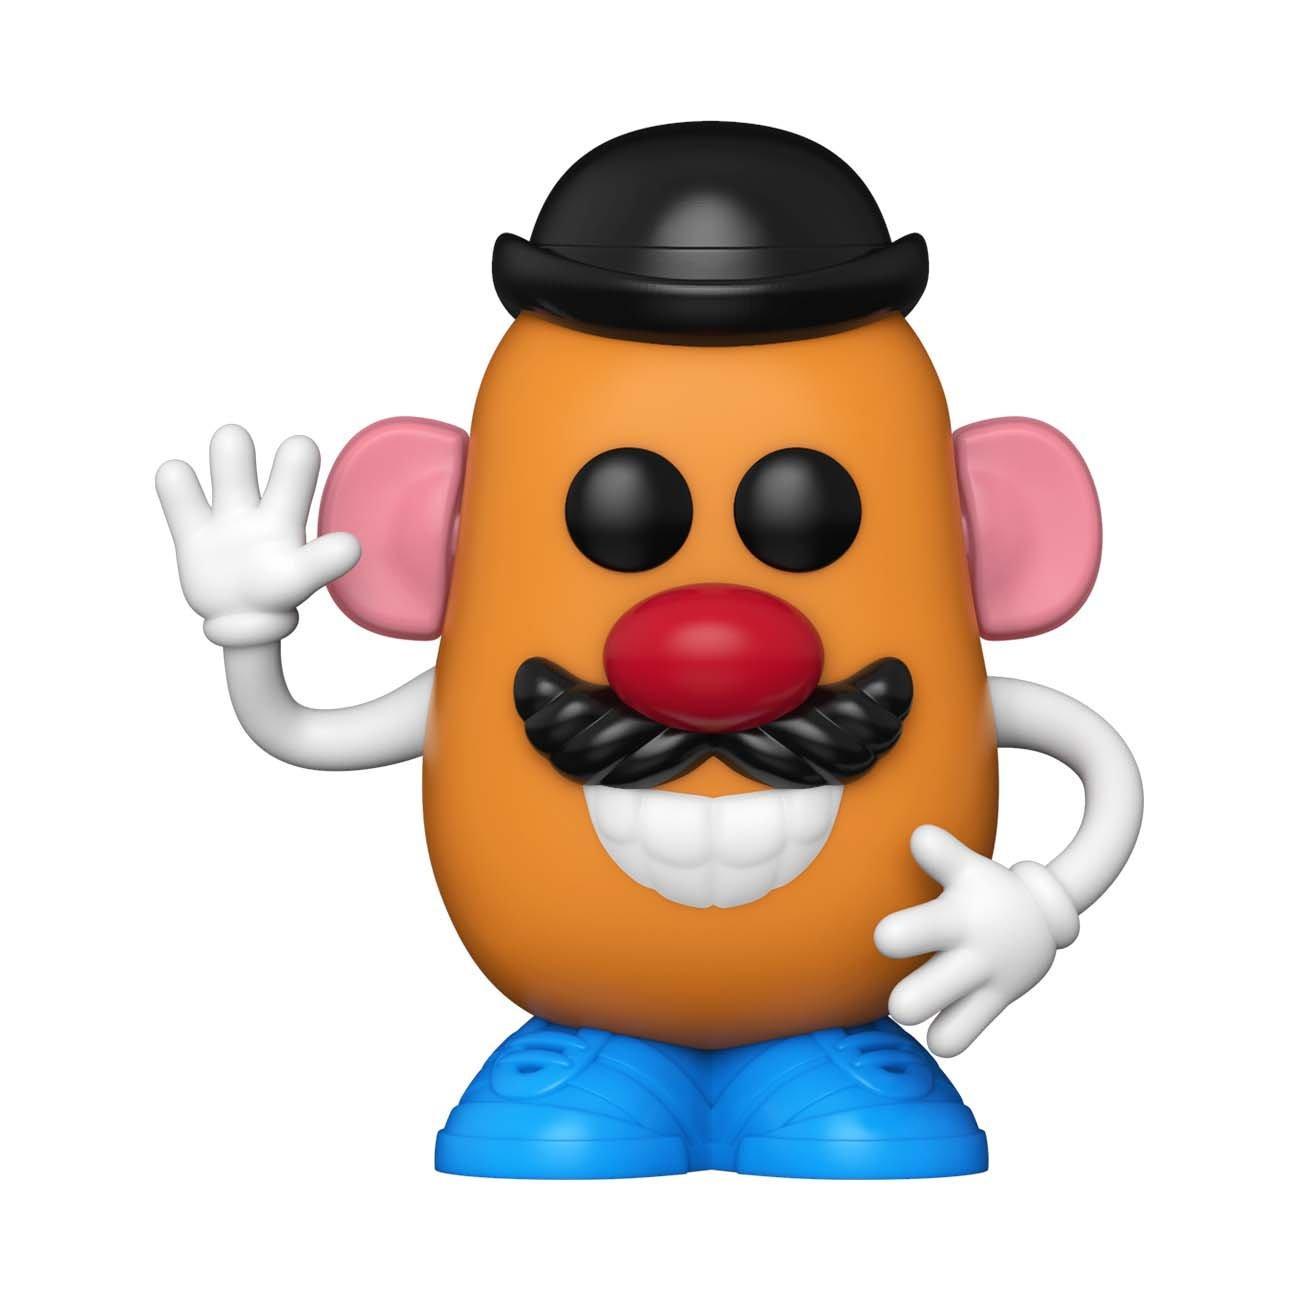 Pop Vinyl Hasbro Mr Potato Head Gamestop